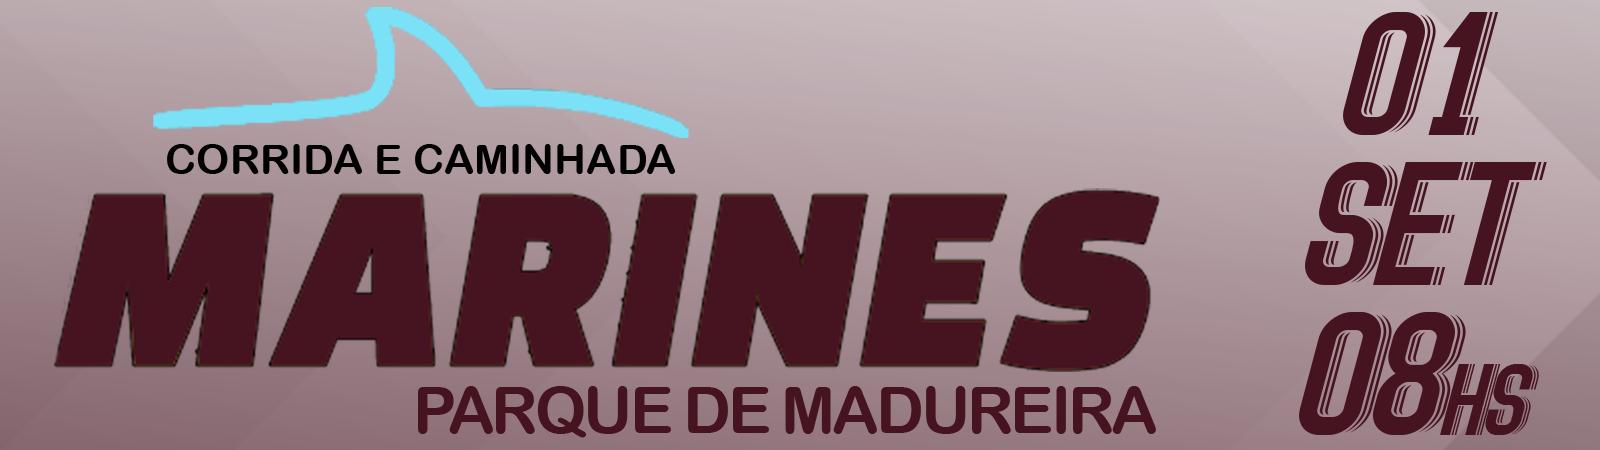 CORRIDA E CAMINHADA MARINES - PARQUE DE MADUREIRA